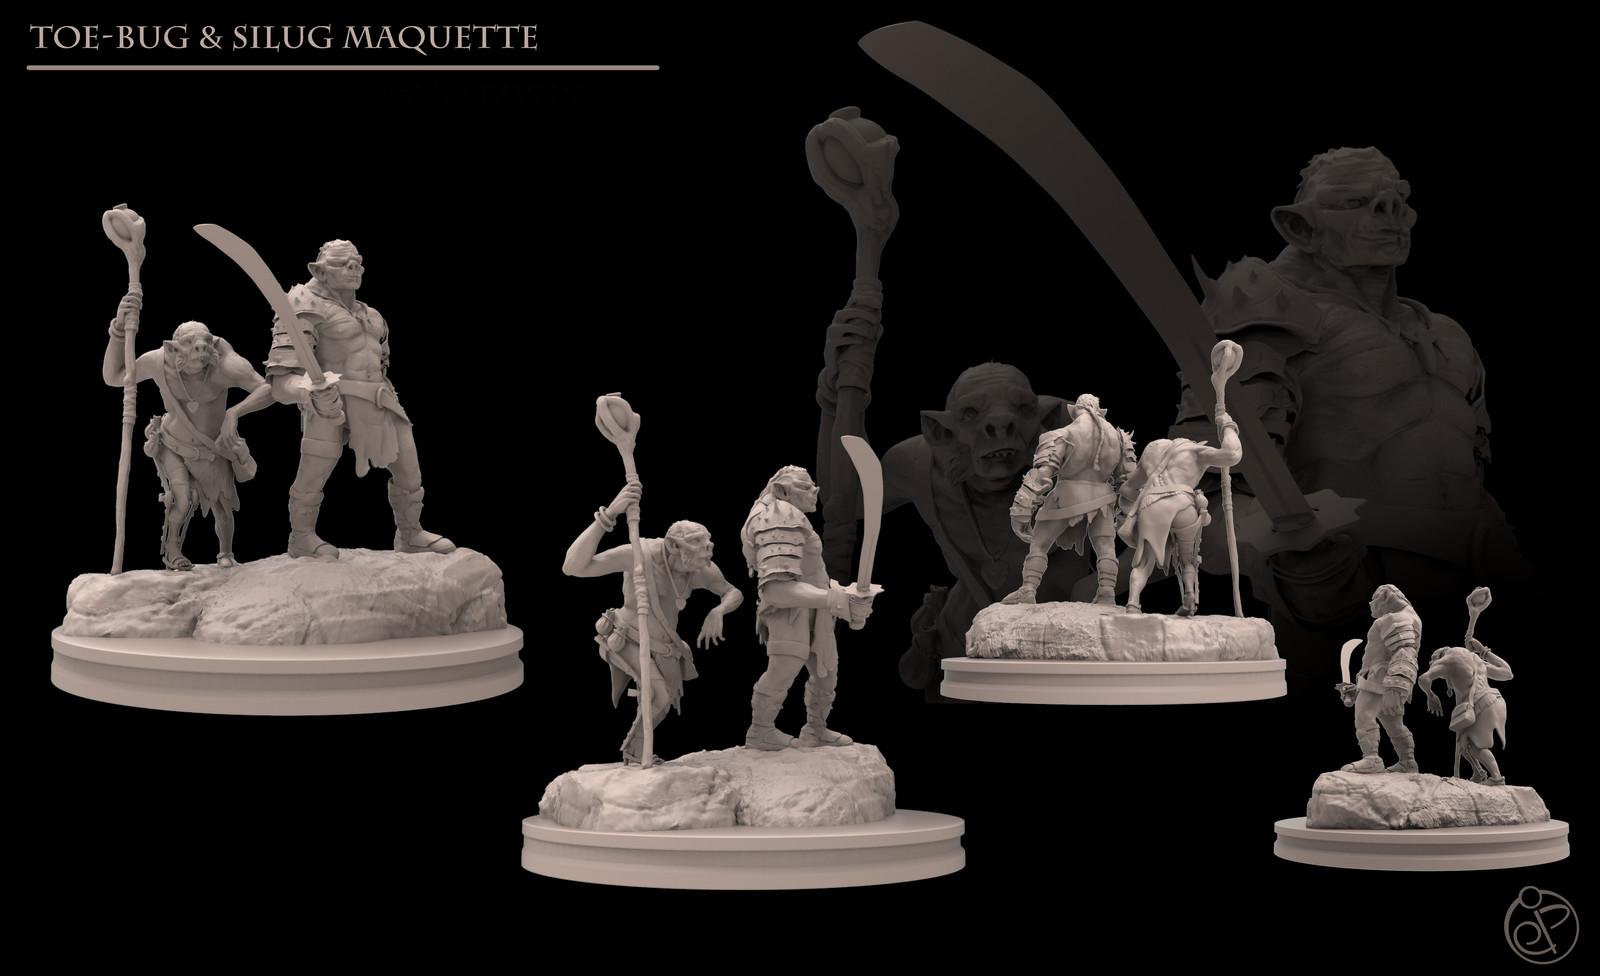 Toebug and Silug - Production Maquettes